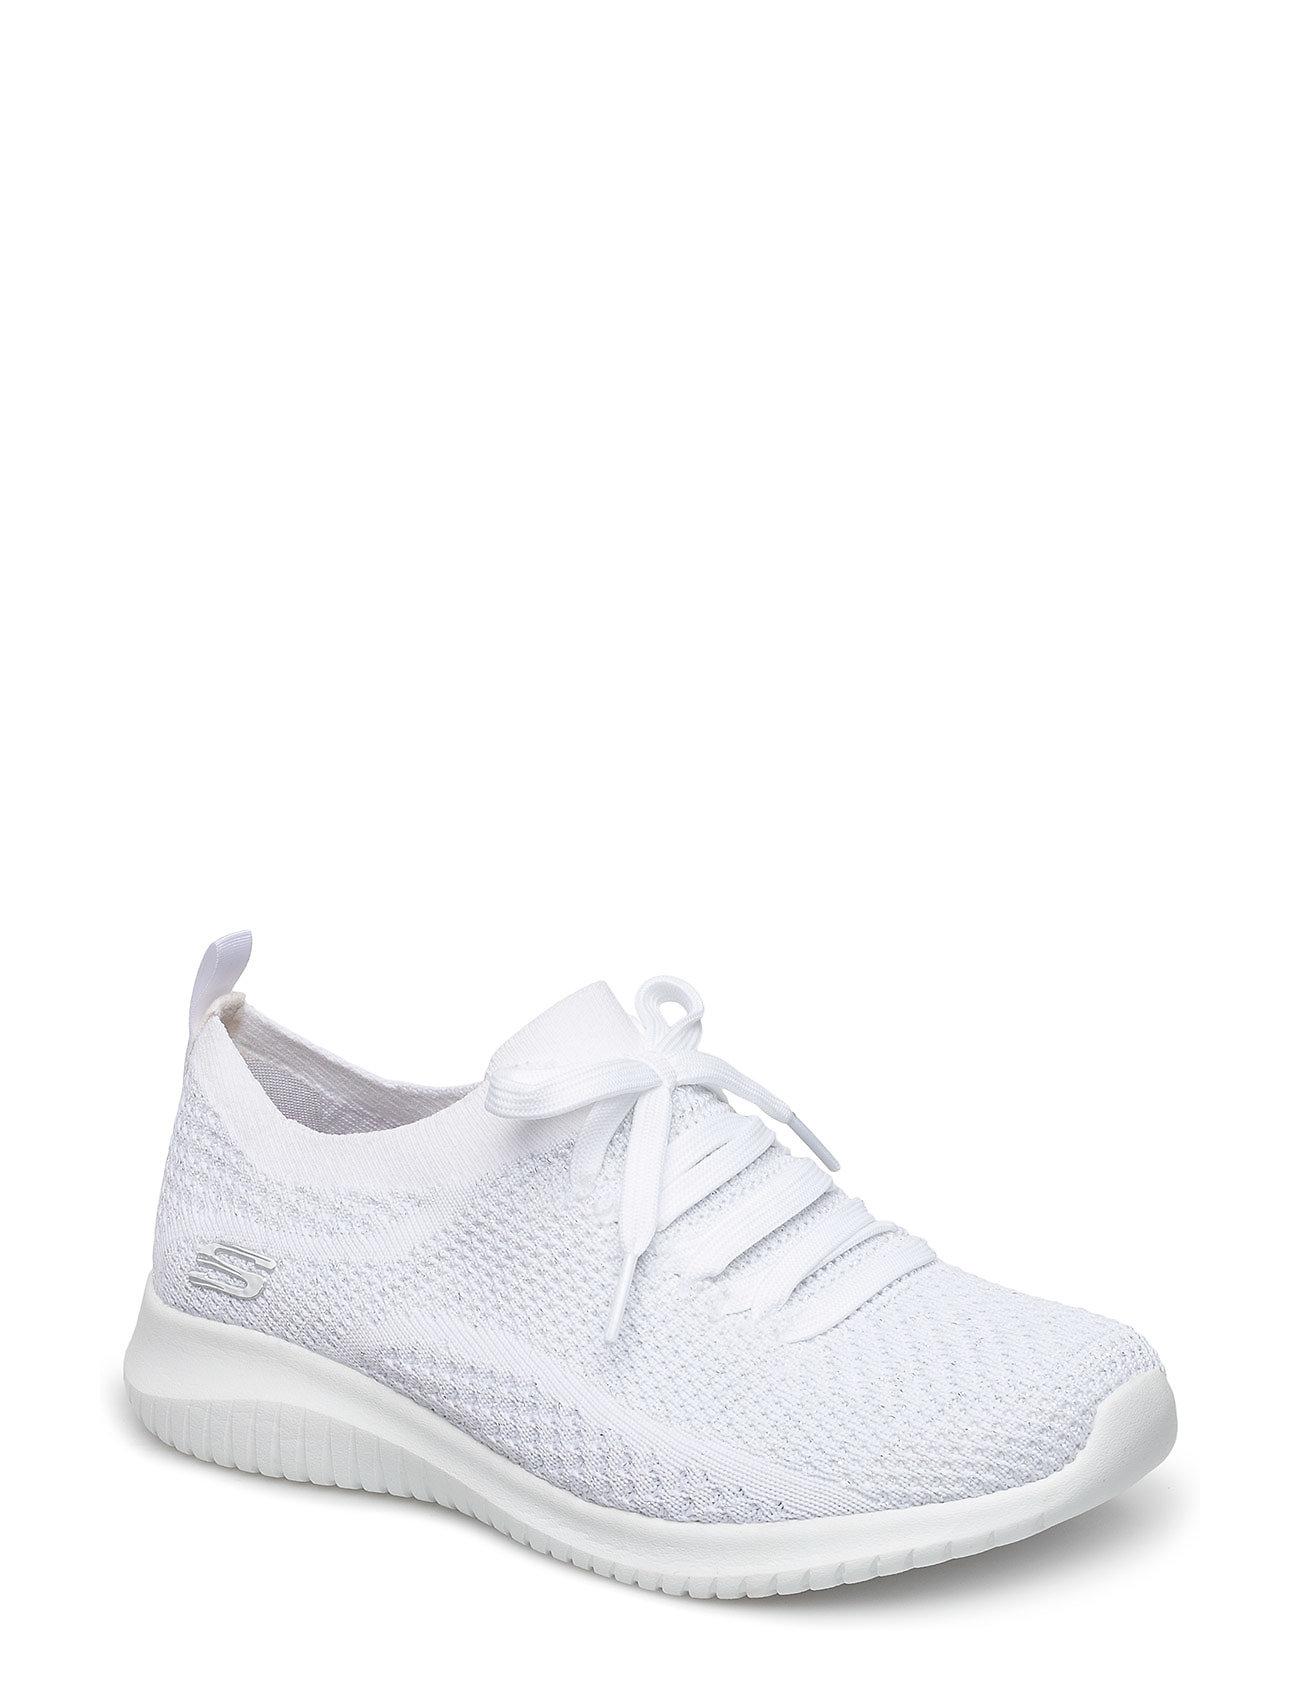 skechers ultra flex sneakers